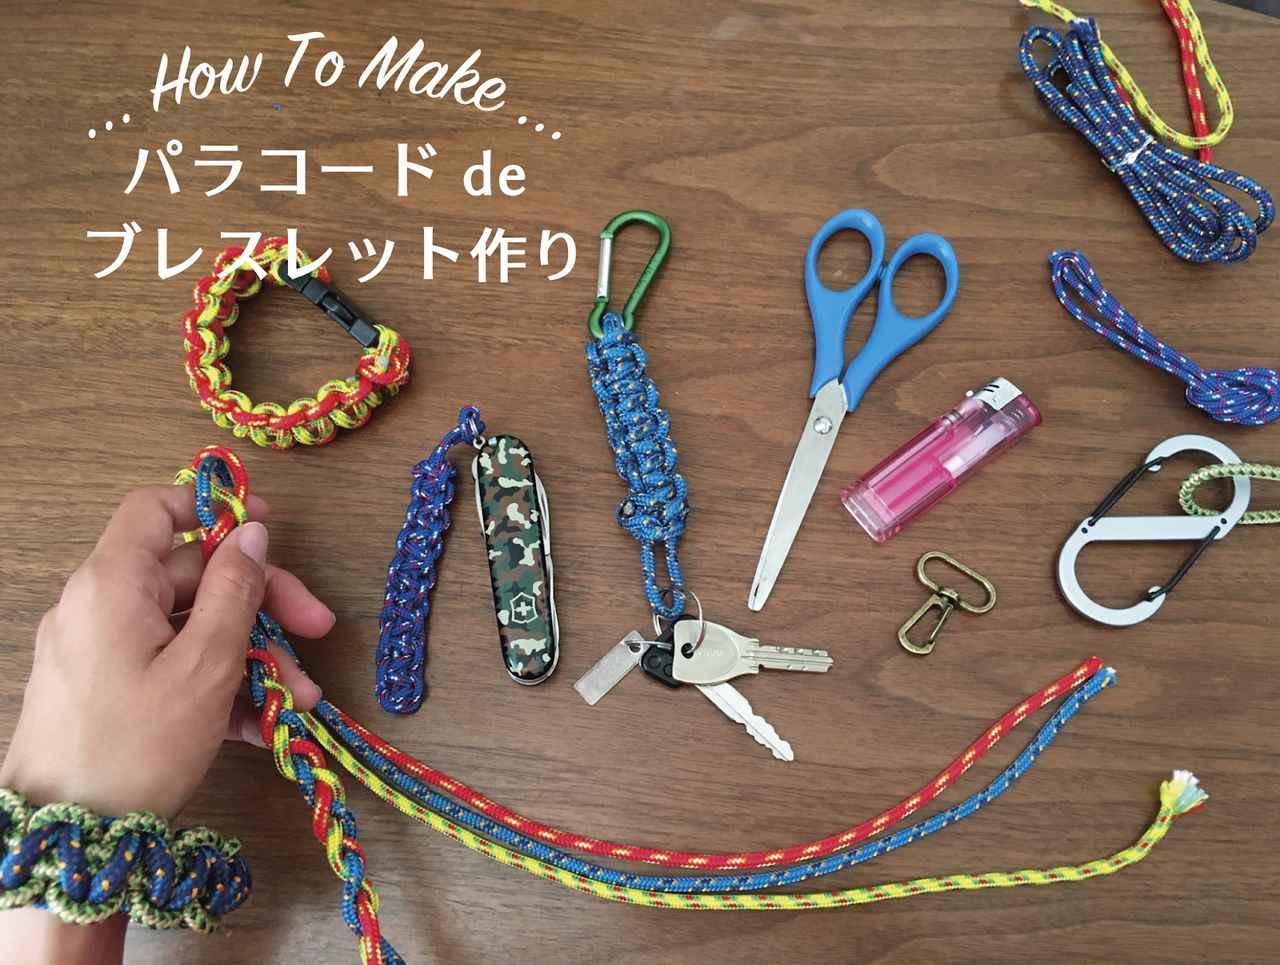 画像: パラコードブレスレットの編み方を紹介! おしゃれで防災グッズにもなるアクセサリー! - ハピキャン(HAPPY CAMPER)